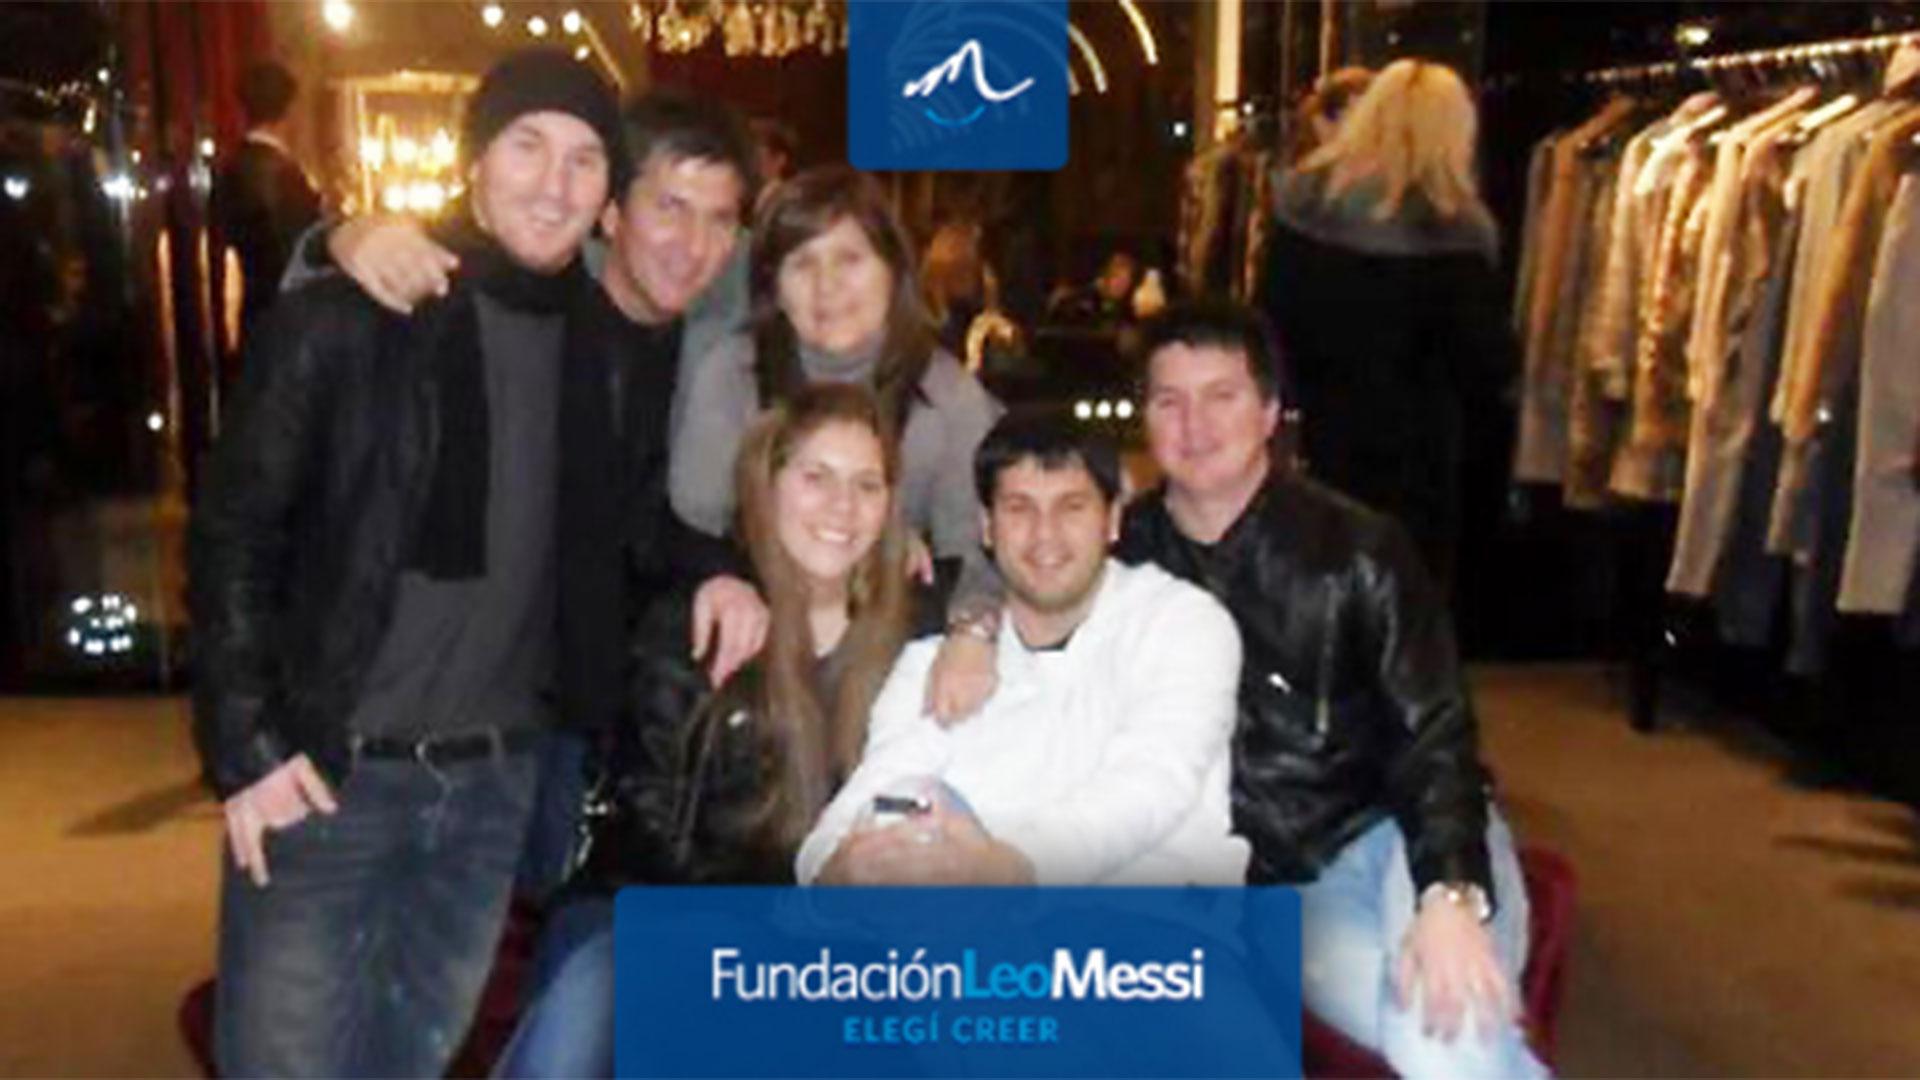 Fundacion Leo Messi (3)